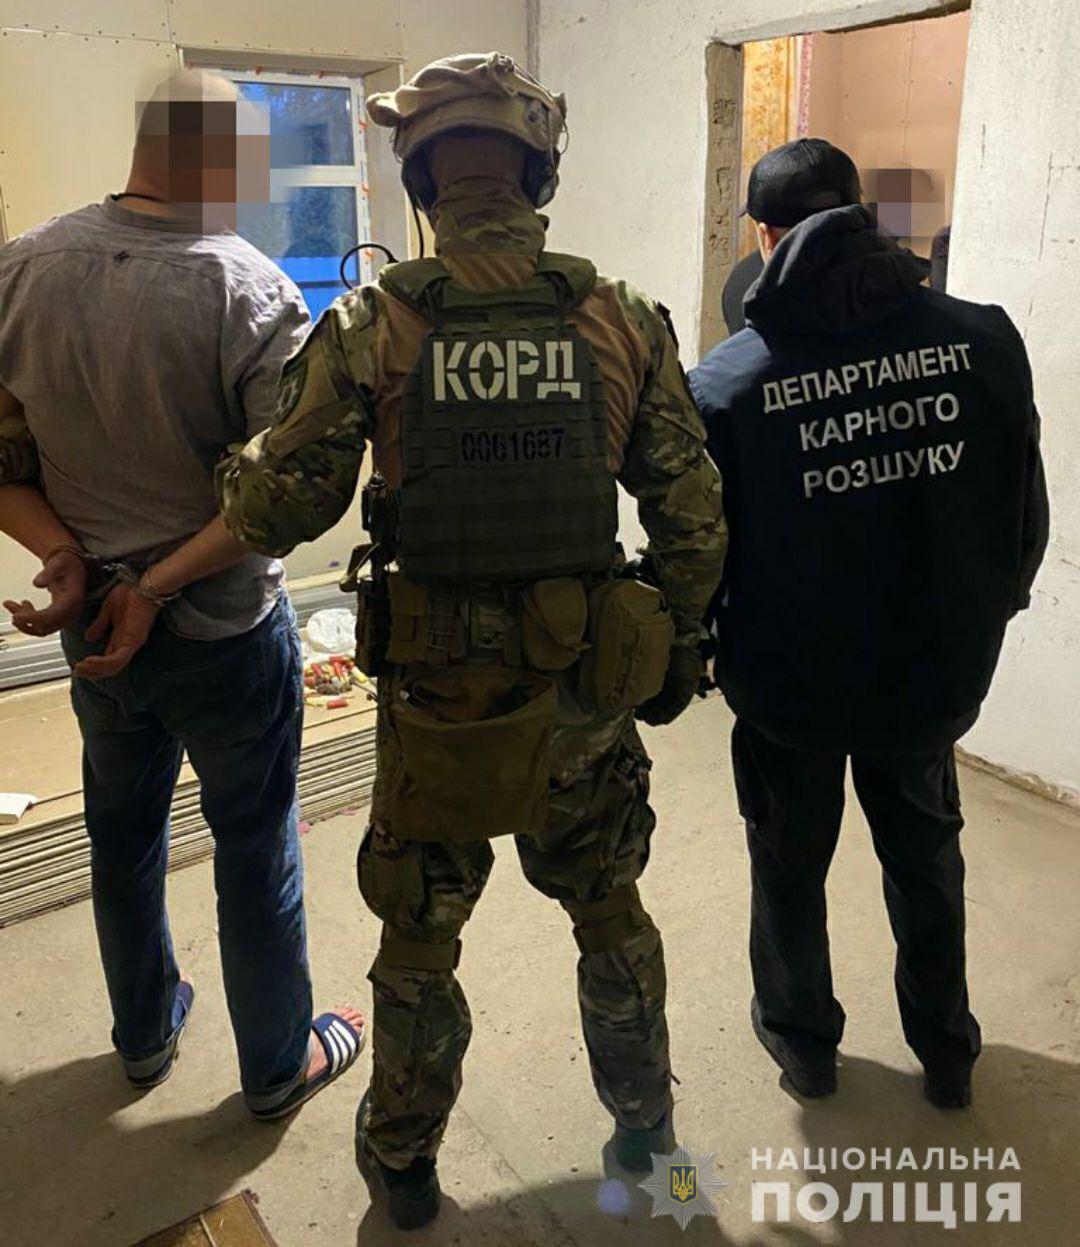 На Днепропетровщине задержали членов банды. Новости Днепра